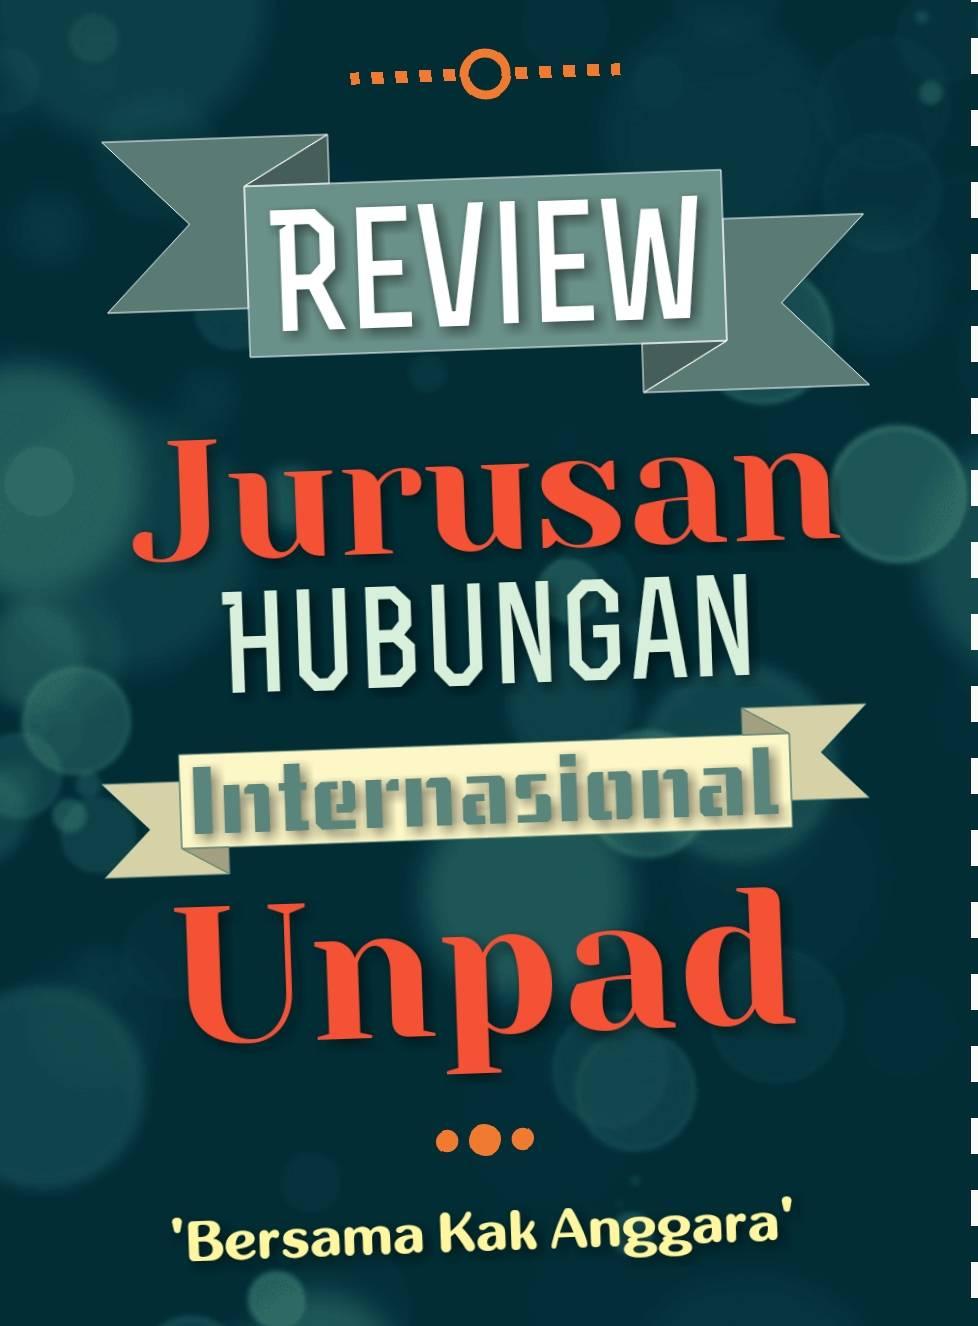 Review Jurusan Hubungan Internasional Unpad Arham Ahmad Farhan